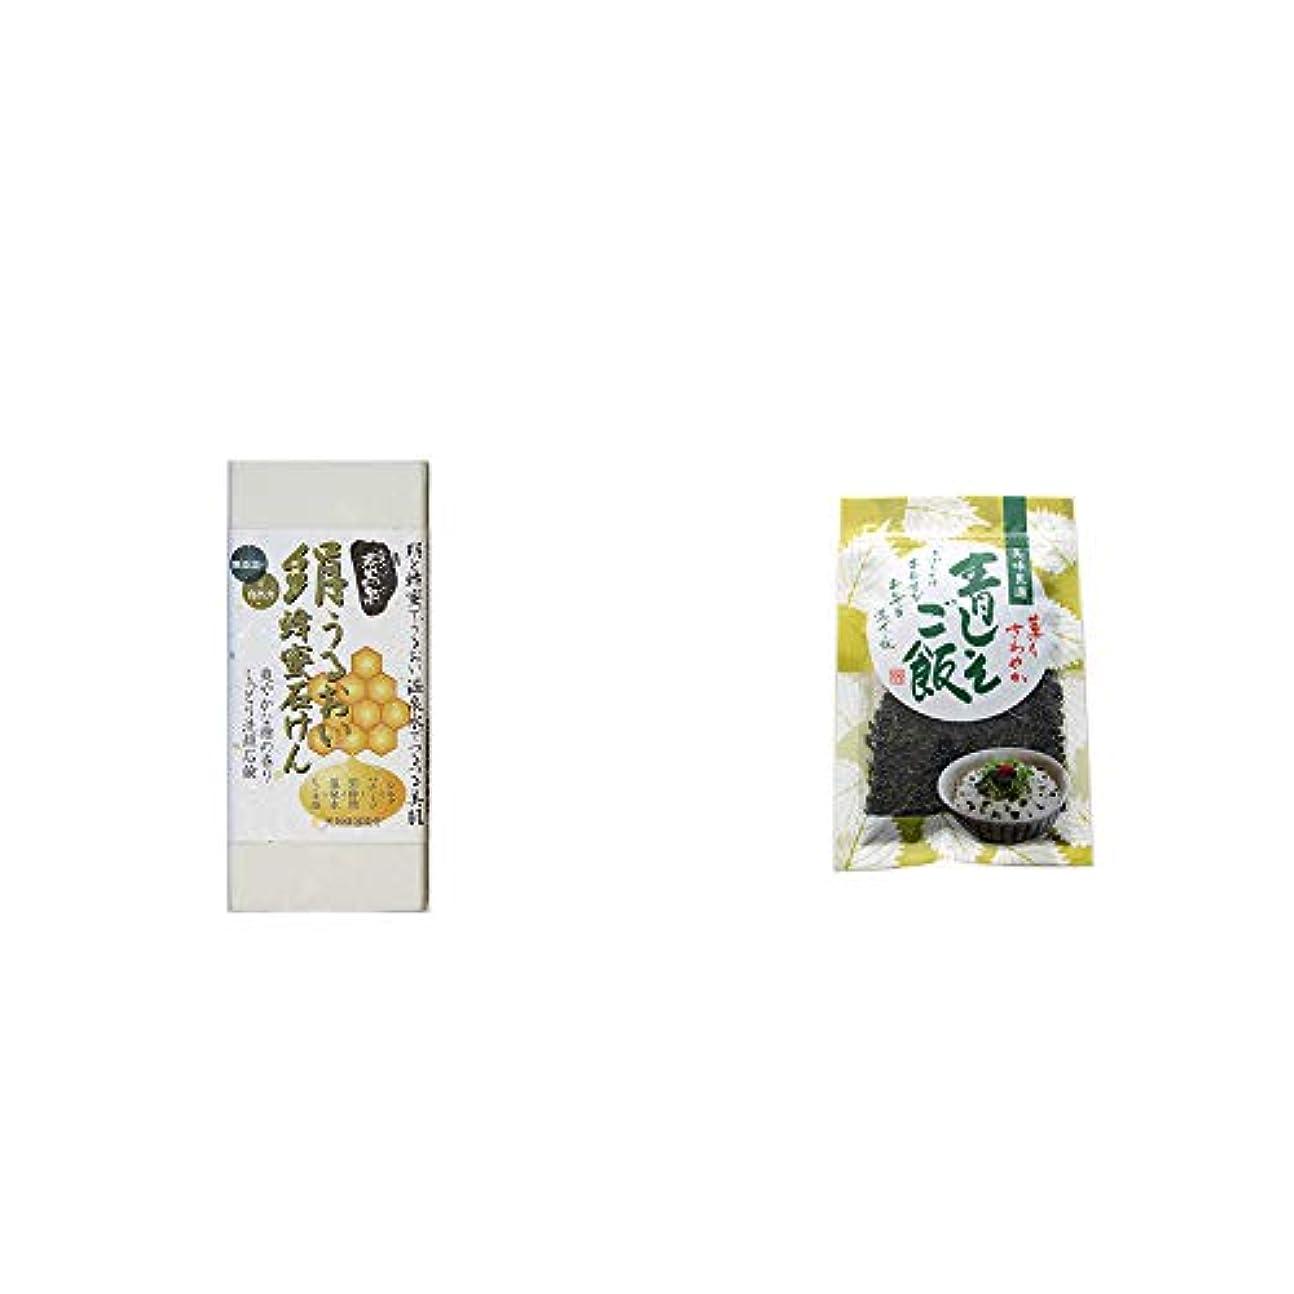 不正確とげヒューバートハドソン[2点セット] ひのき炭黒泉 絹うるおい蜂蜜石けん(75g×2)?薫りさわやか 青しそご飯(80g)